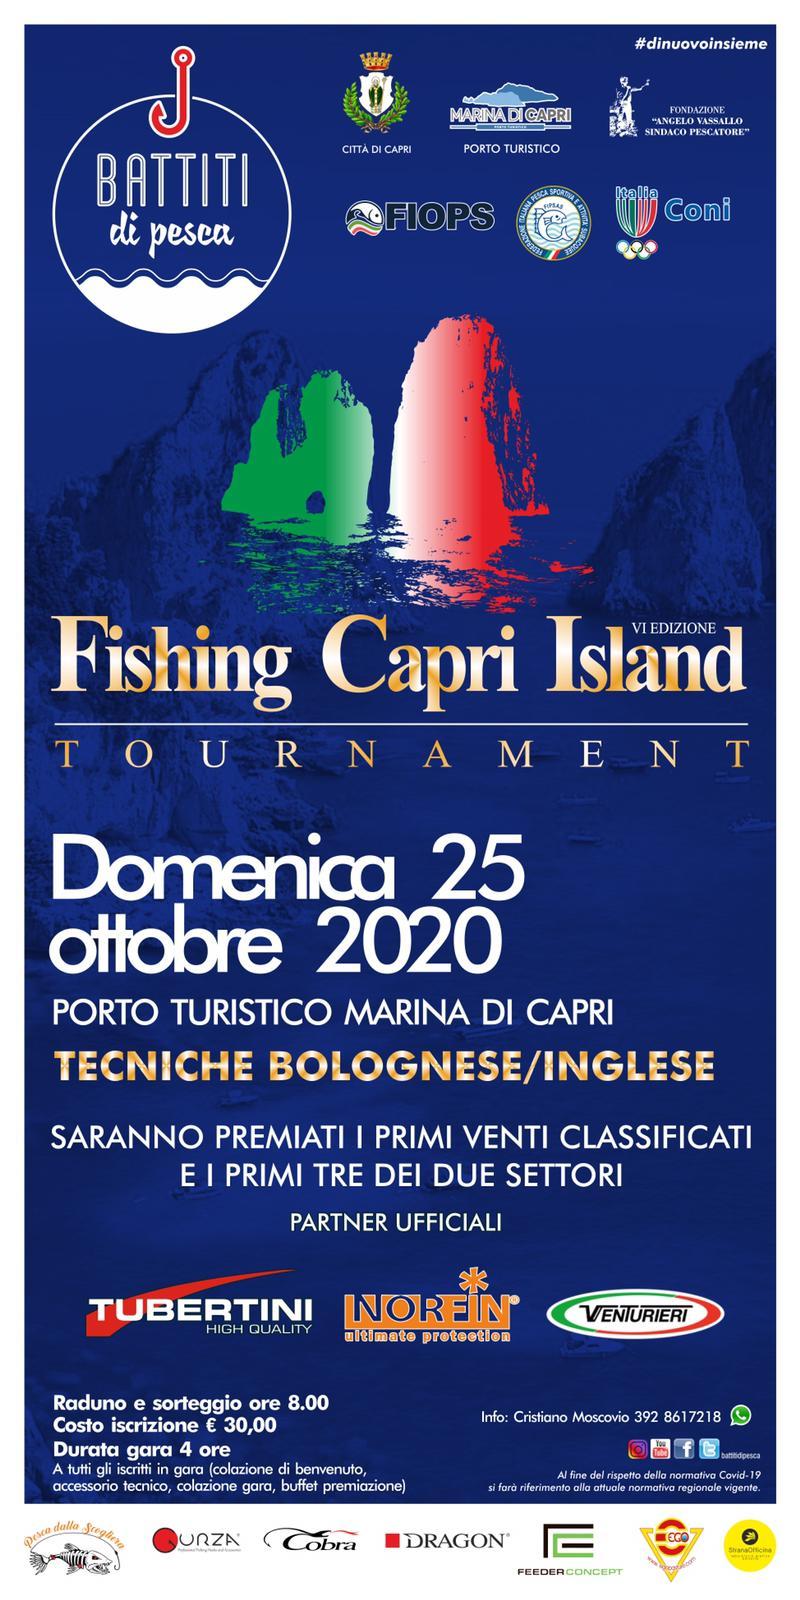 Al via la sesta edizione del Fishing Capri Island Tournament organizzato dall'associazione Battiti di Pesca